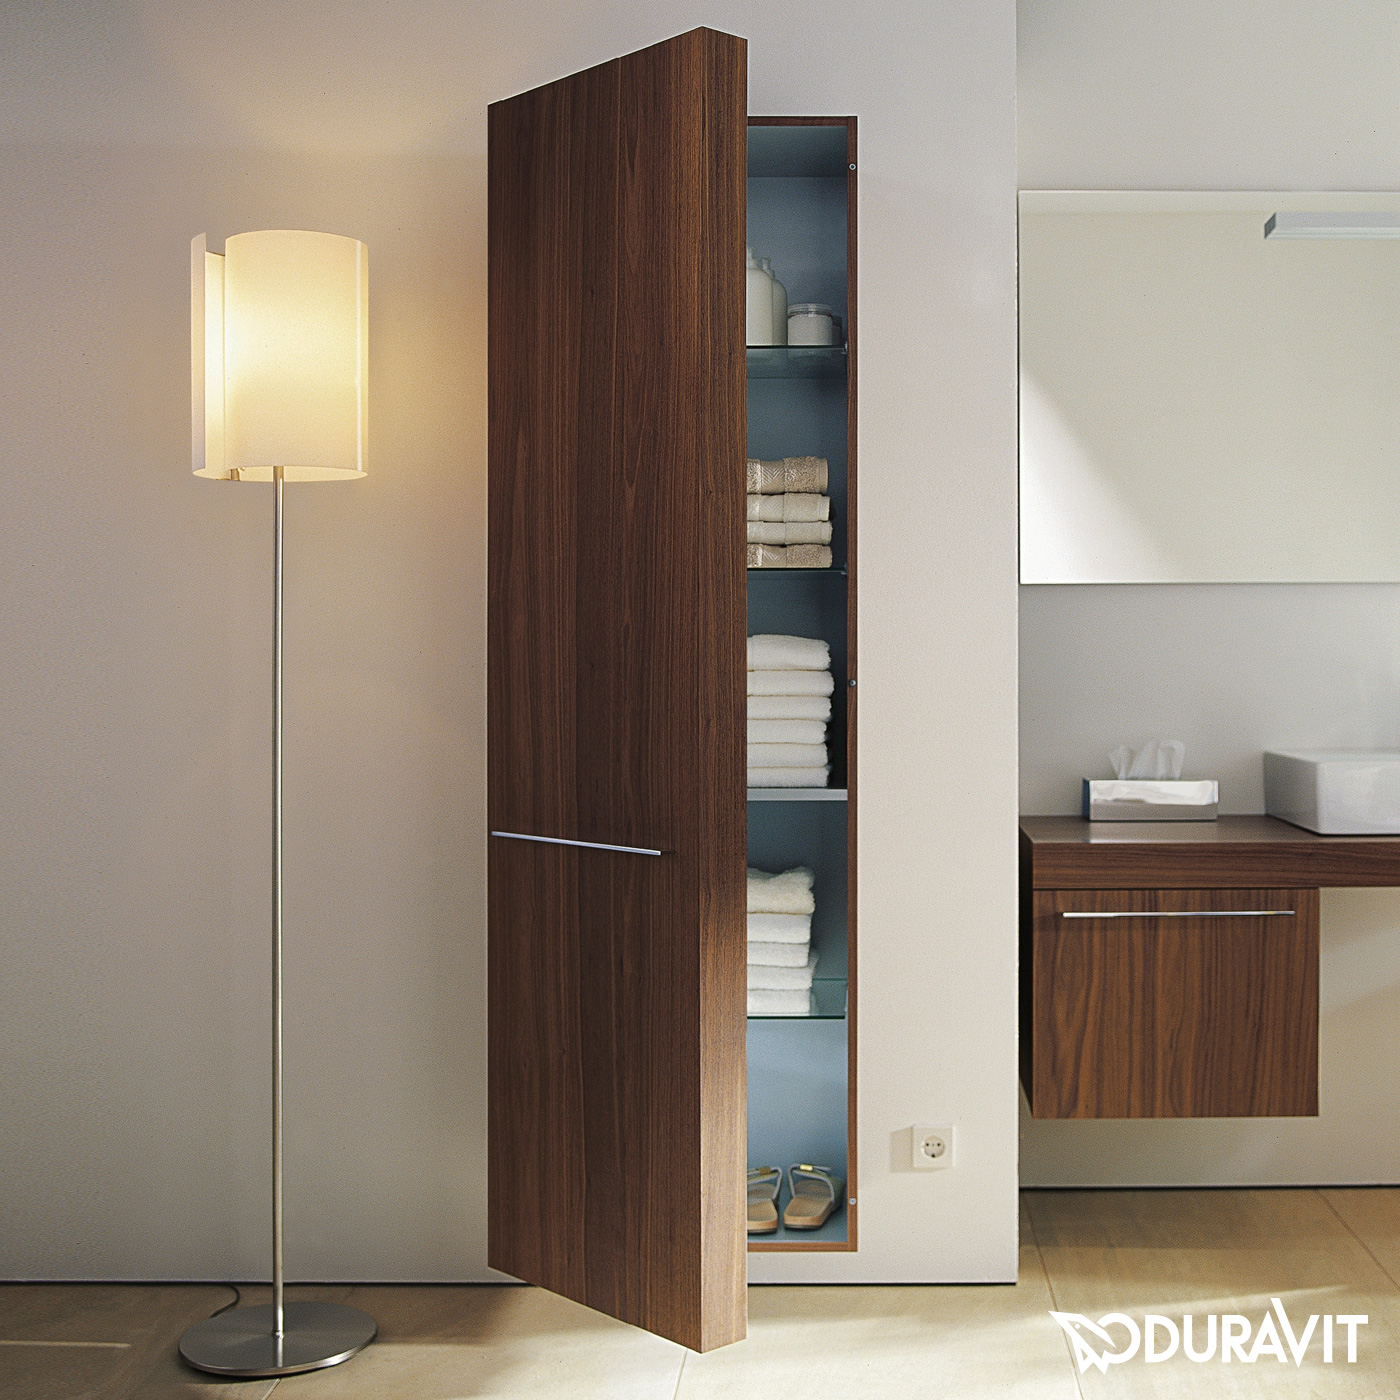 duravit fogo hochschrank amerikanischer nu baum. Black Bedroom Furniture Sets. Home Design Ideas